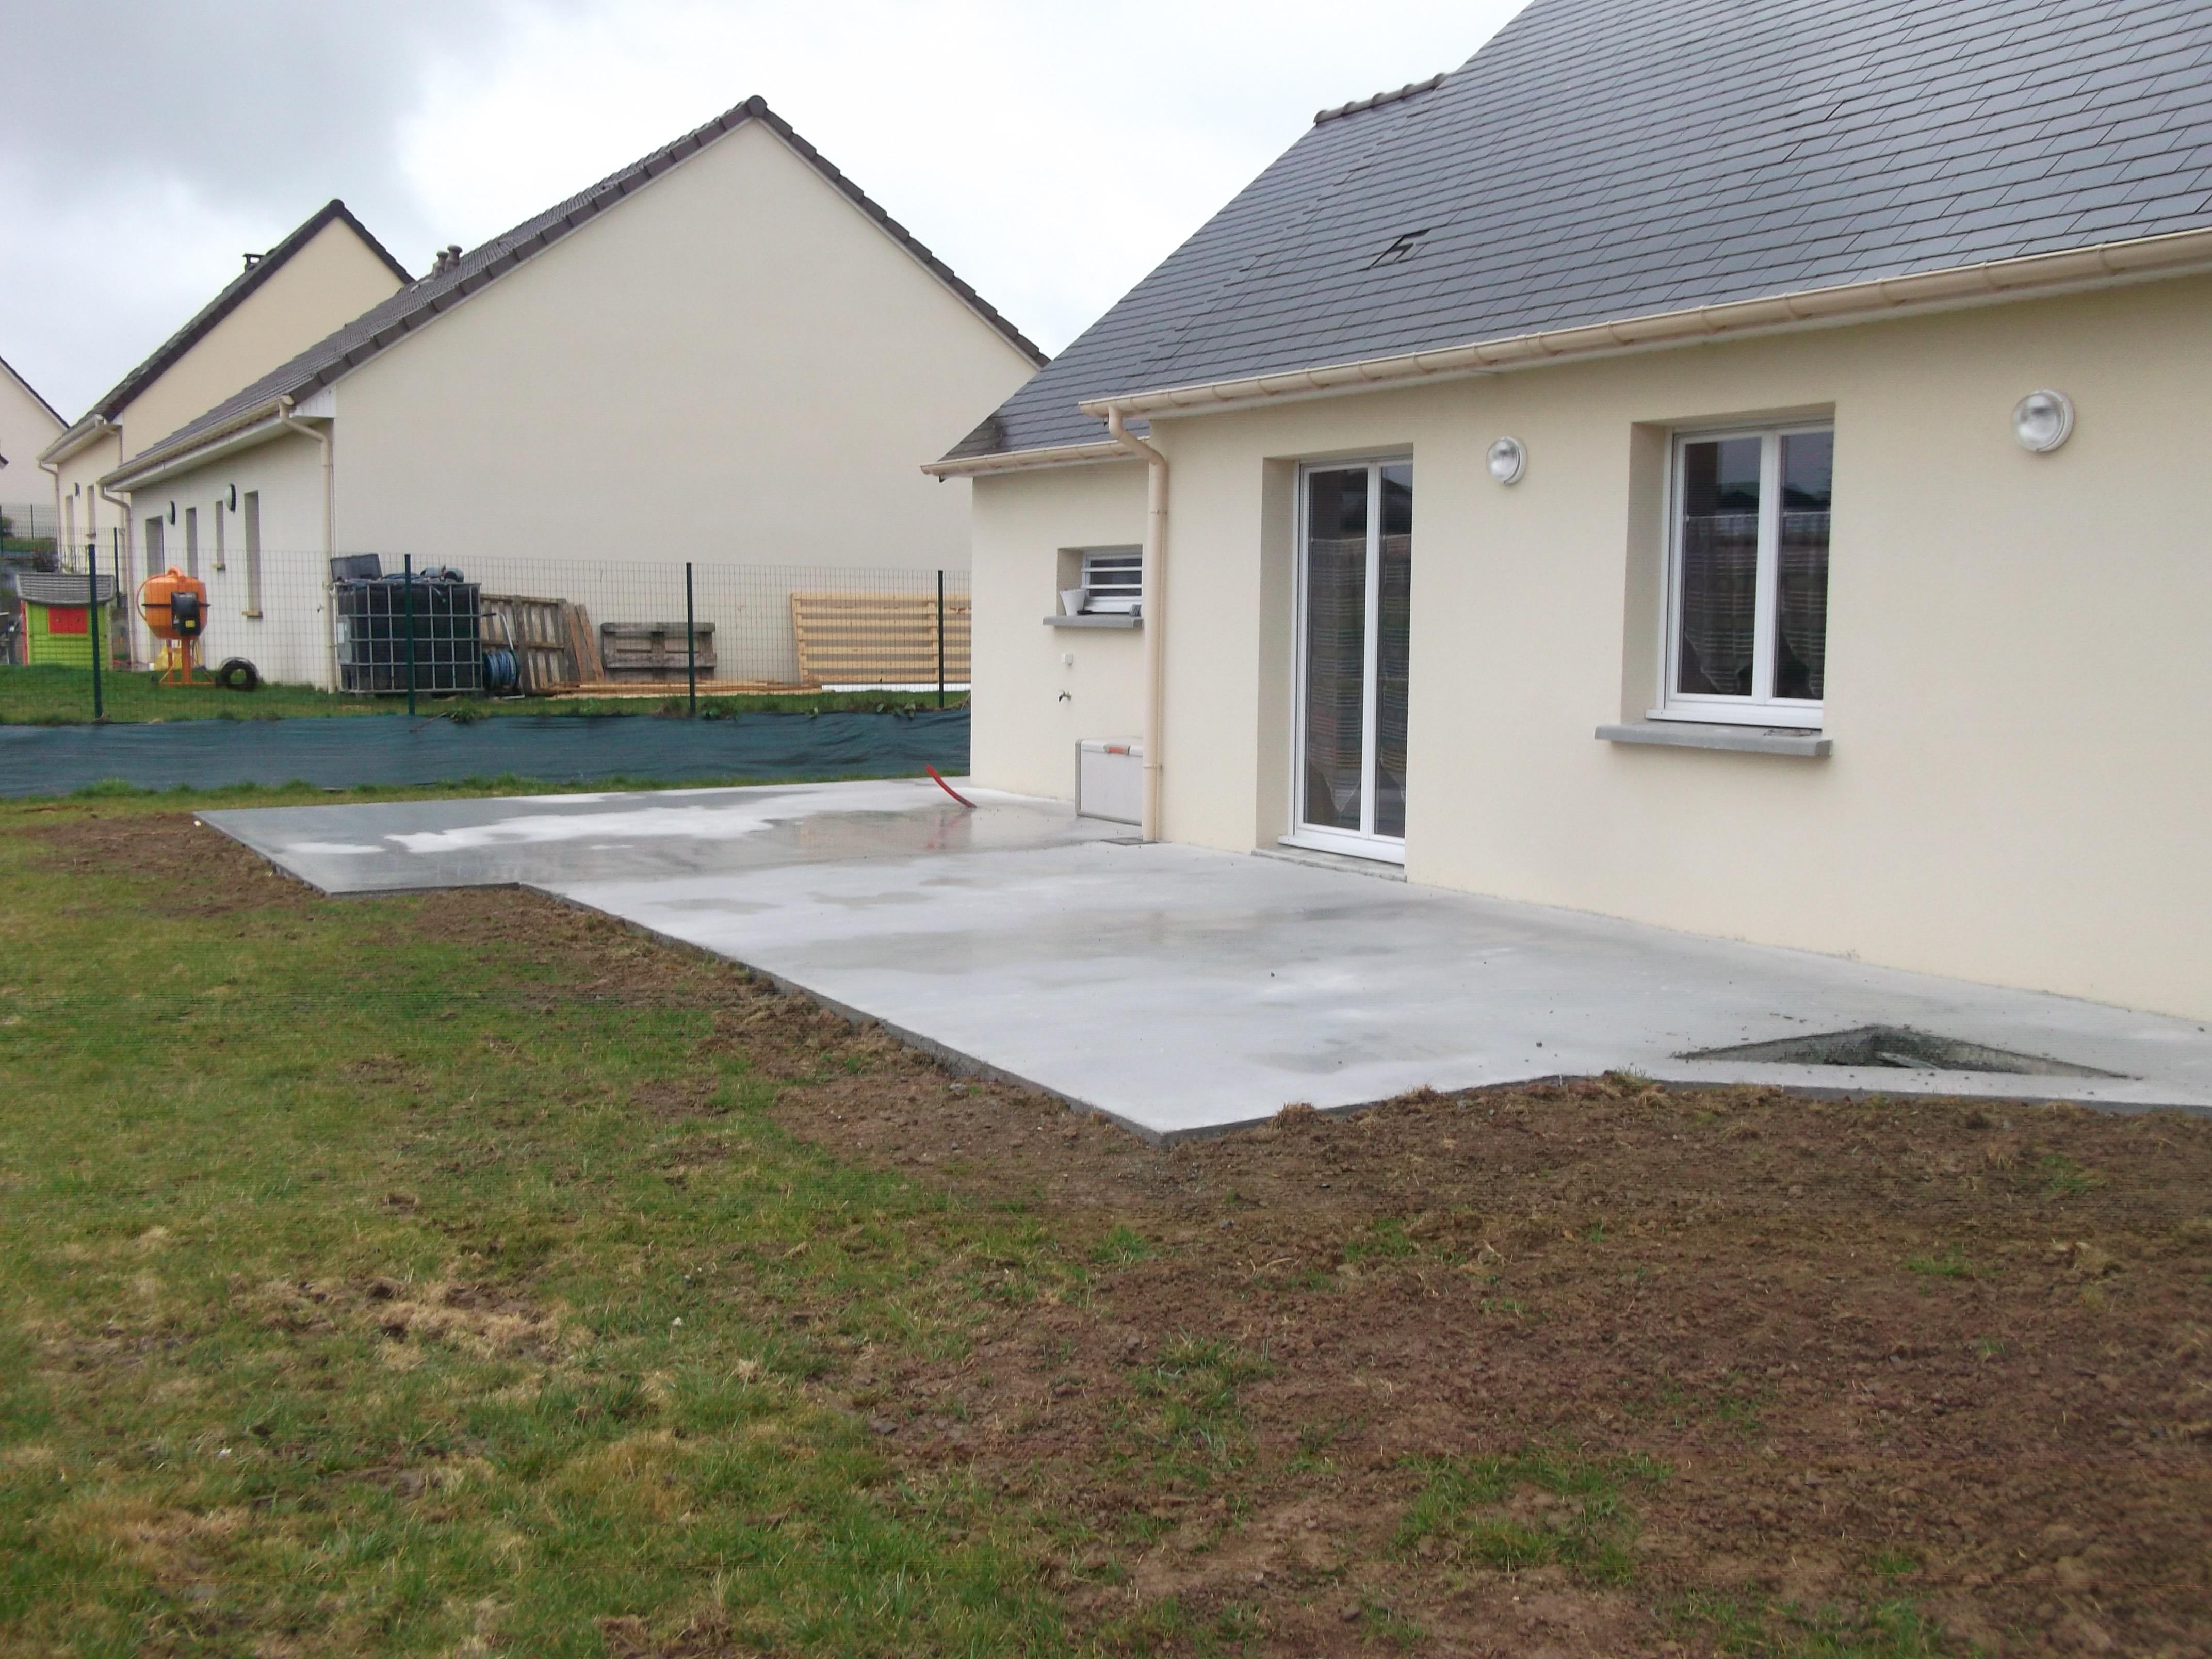 R alisation d une terrasse sarl b ti at2d ma onnerie for Construction d une terrasse en beton